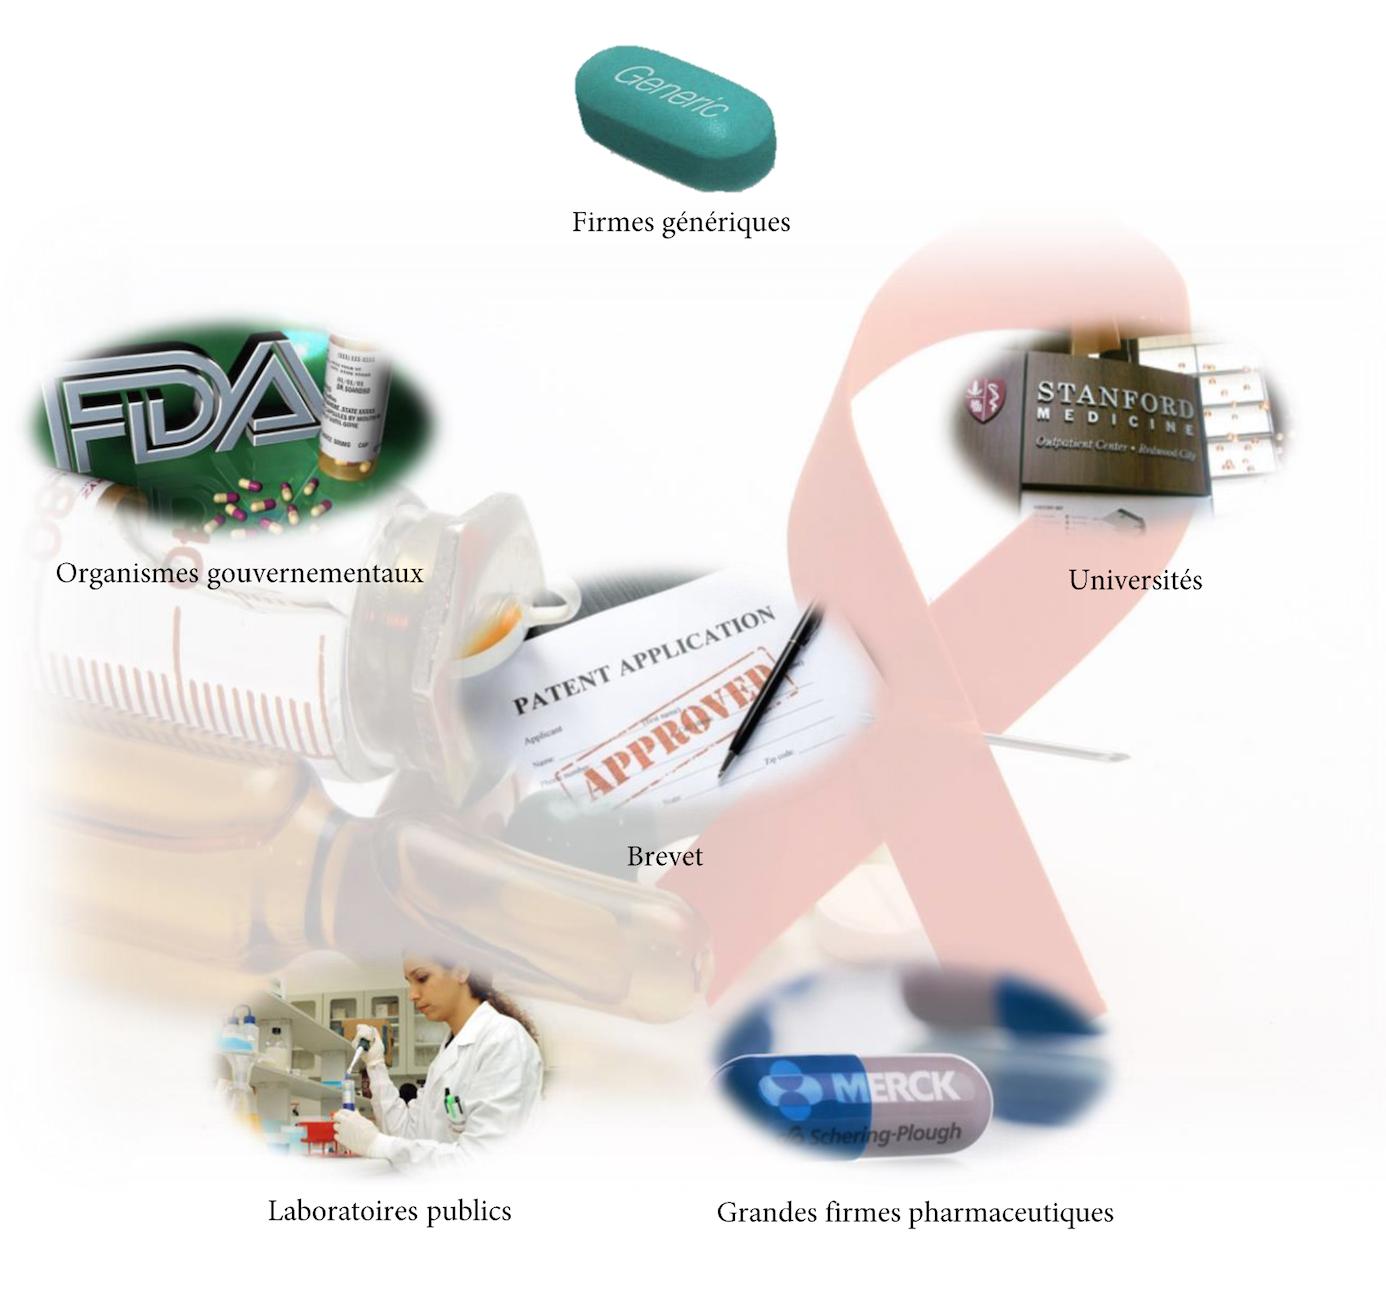 Rencontre pharma d'ete